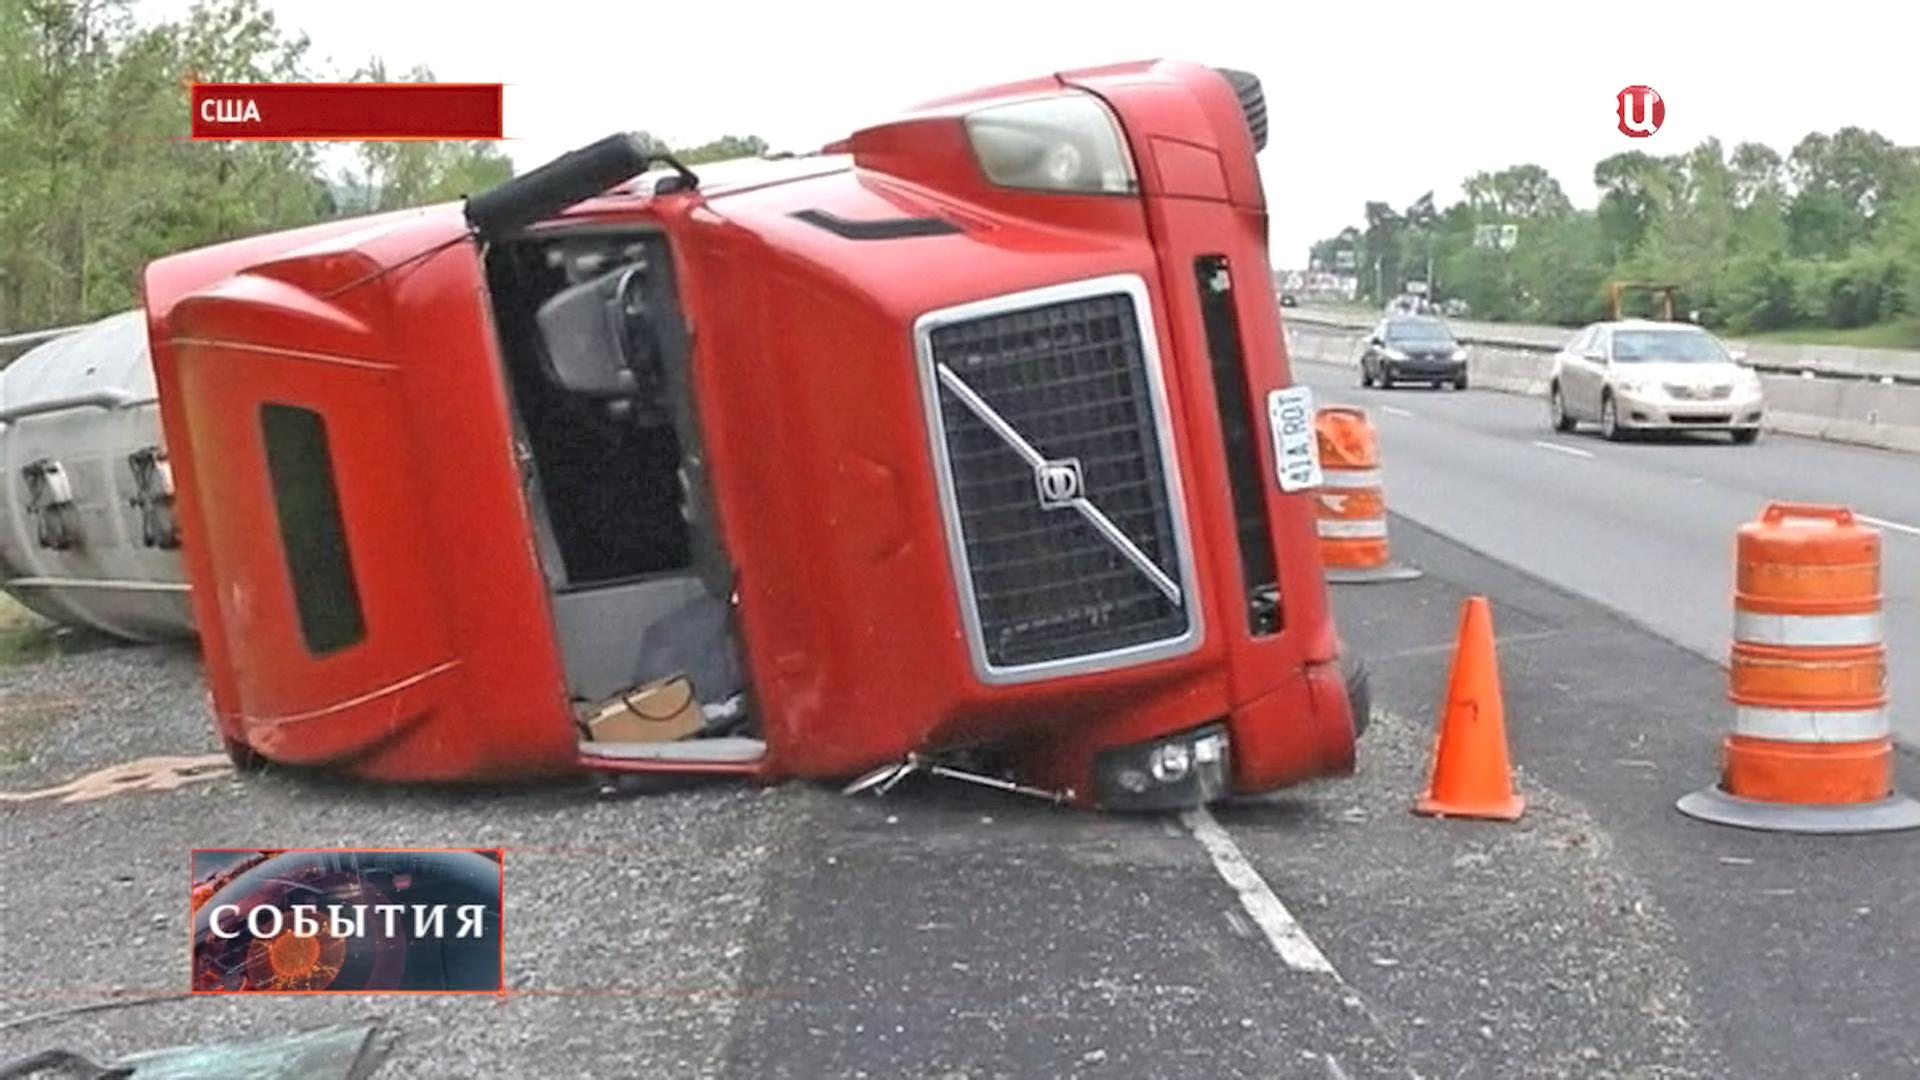 Перевернутая машина после торнадо в США